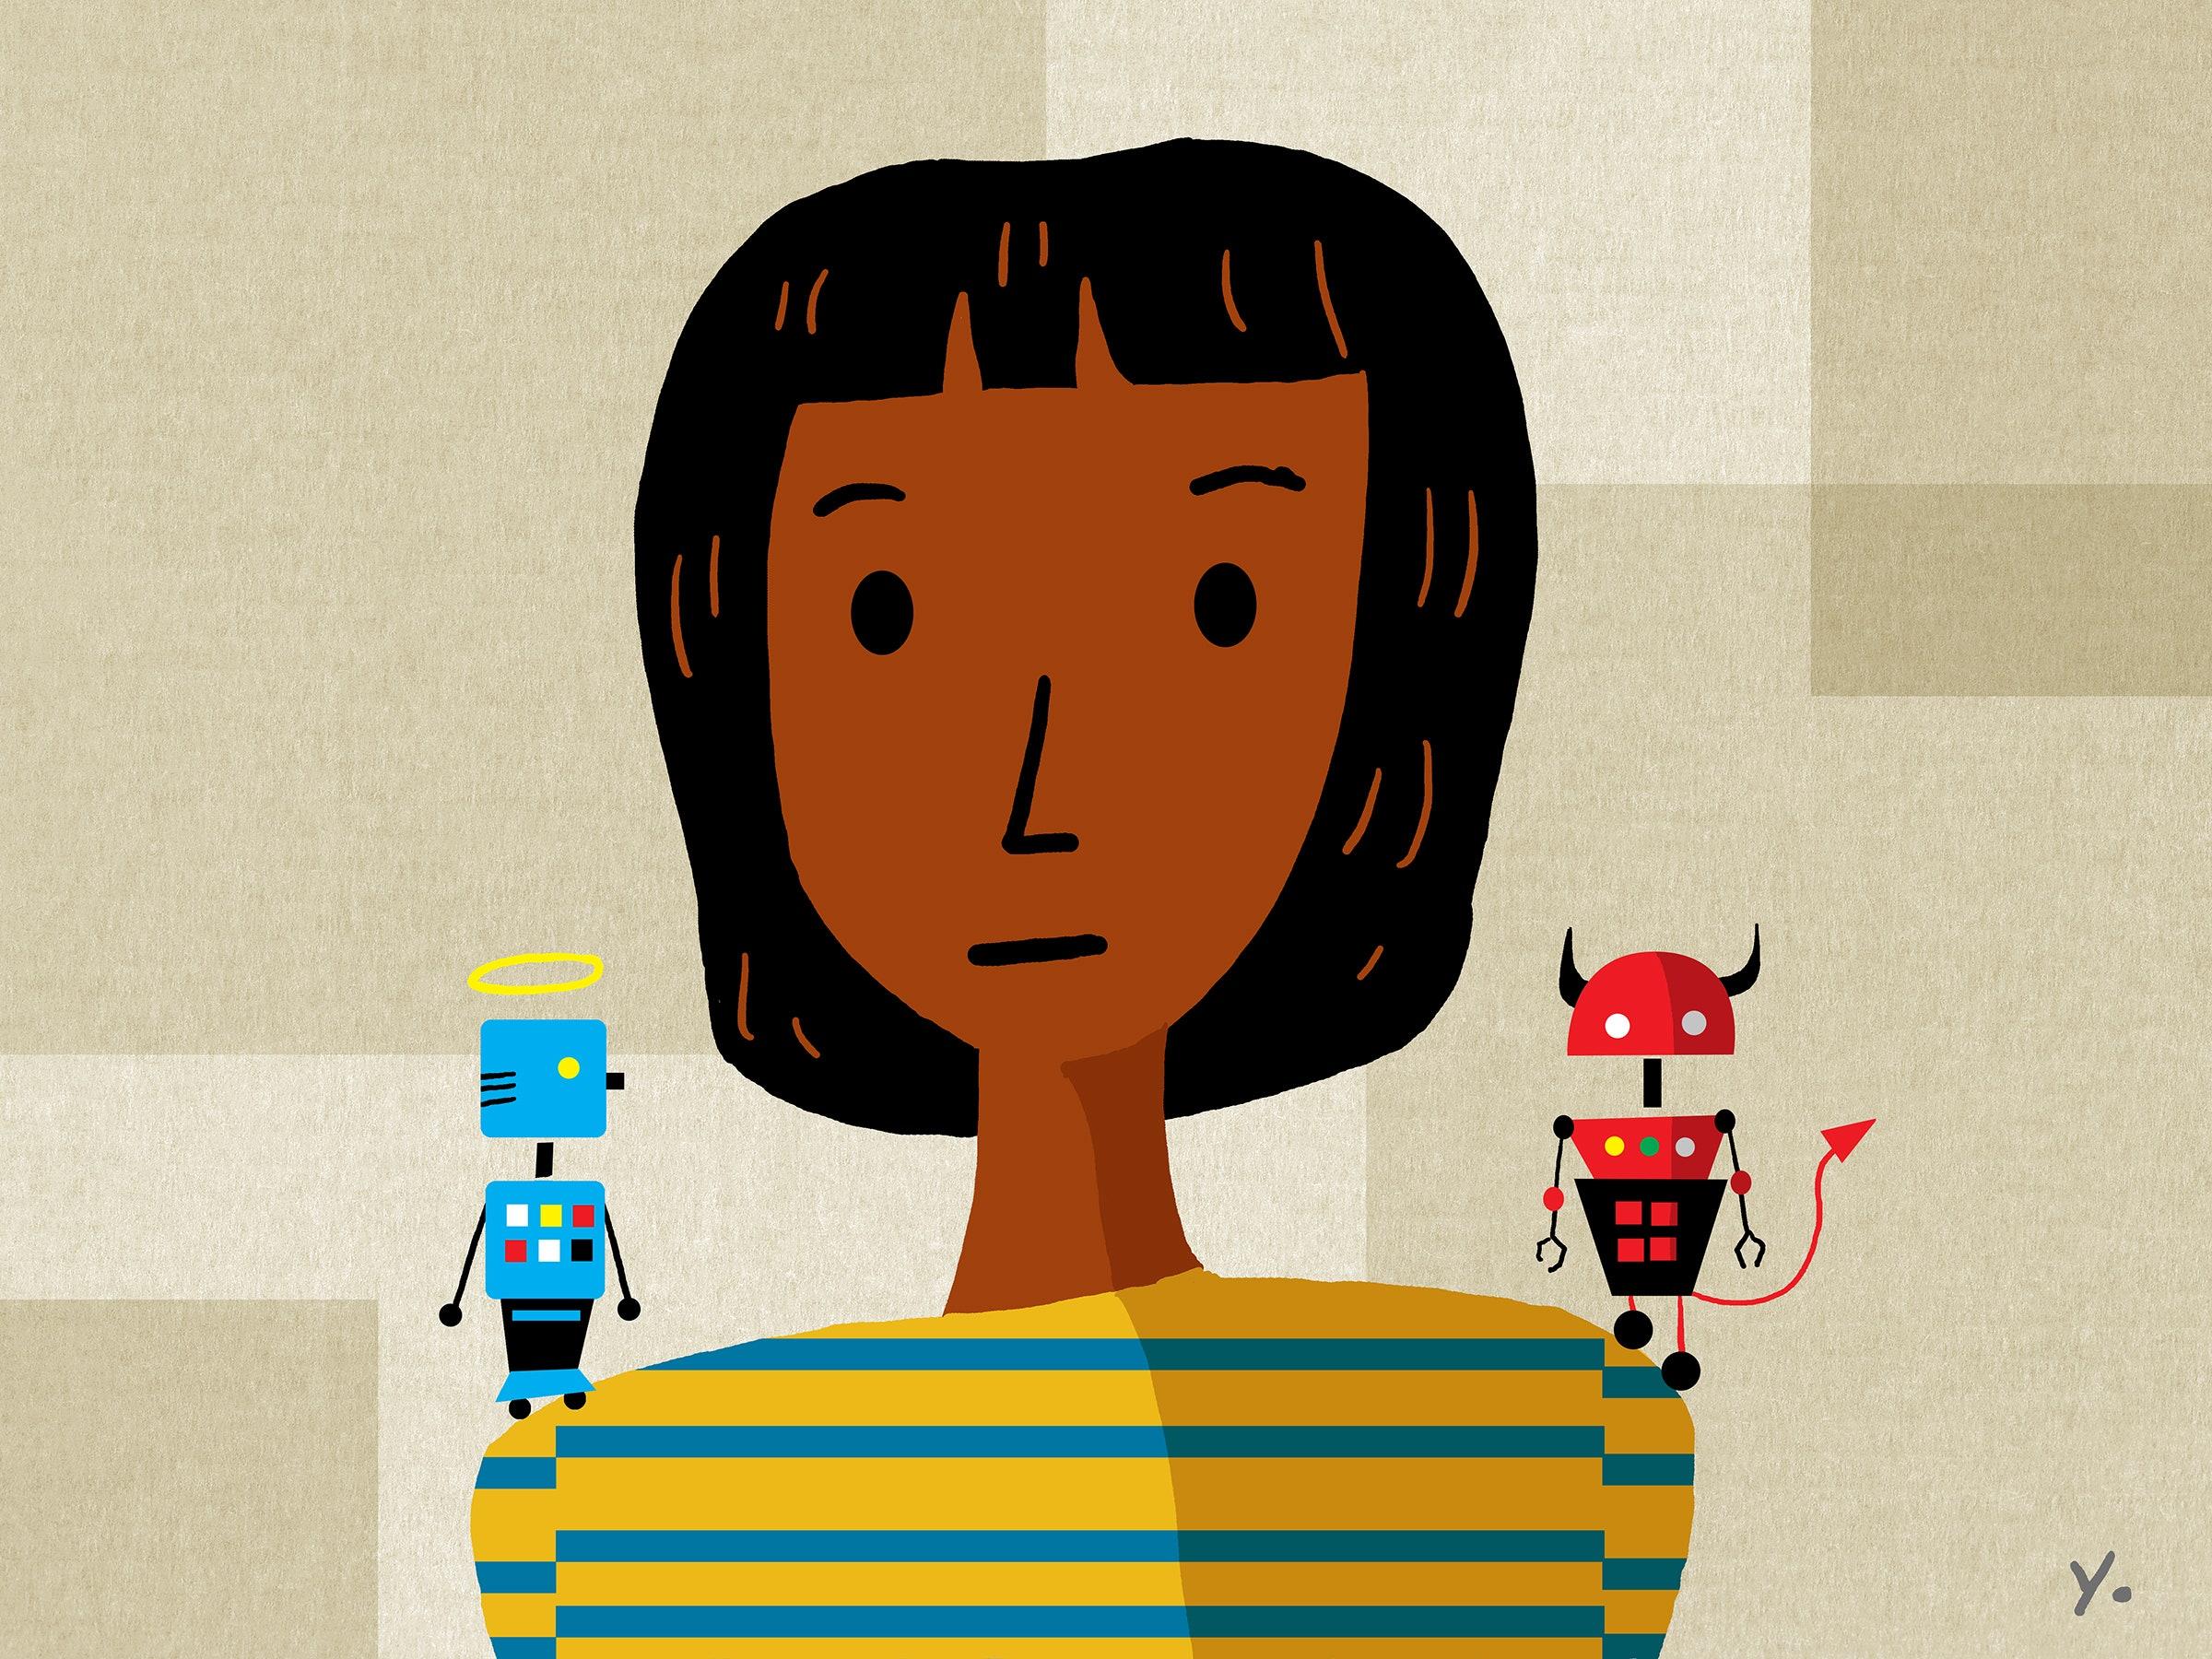 Ciencia ficción puede enseñar a la informática sobre la ética